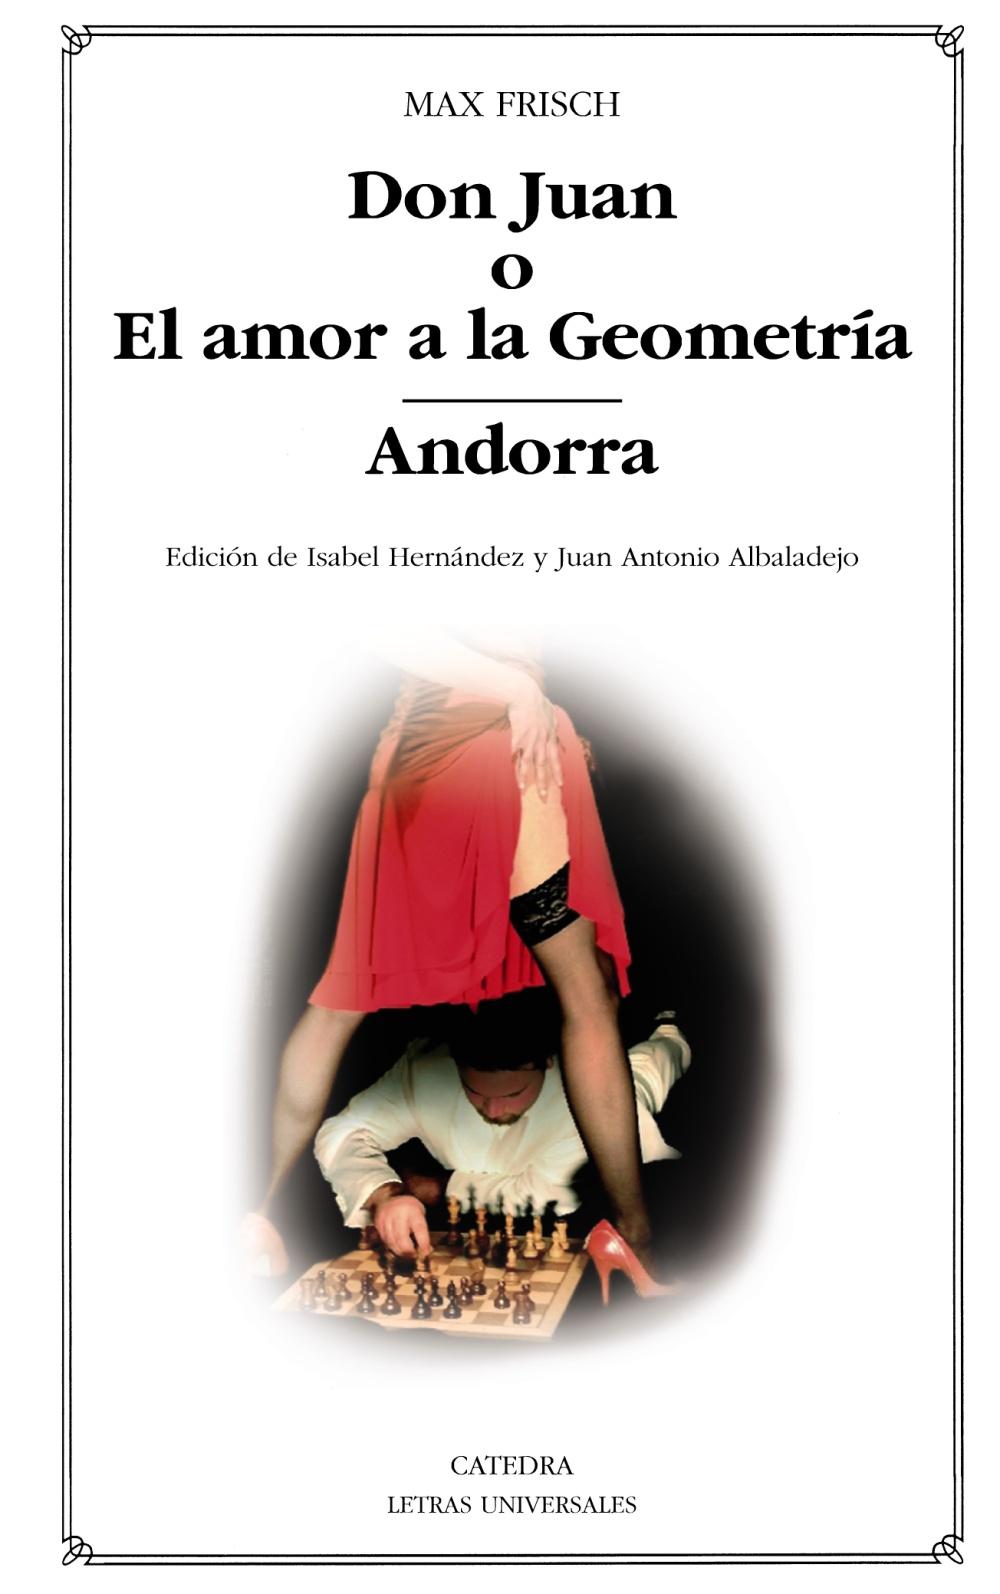 Don Juan, o, el amor a la Geometría ; Andorra / Max Frisch ; edición de Isabel Hernández y Juan Antonio Albadalejo ; traducción de Isabel Hernández y Juan Antonio Albadalejo